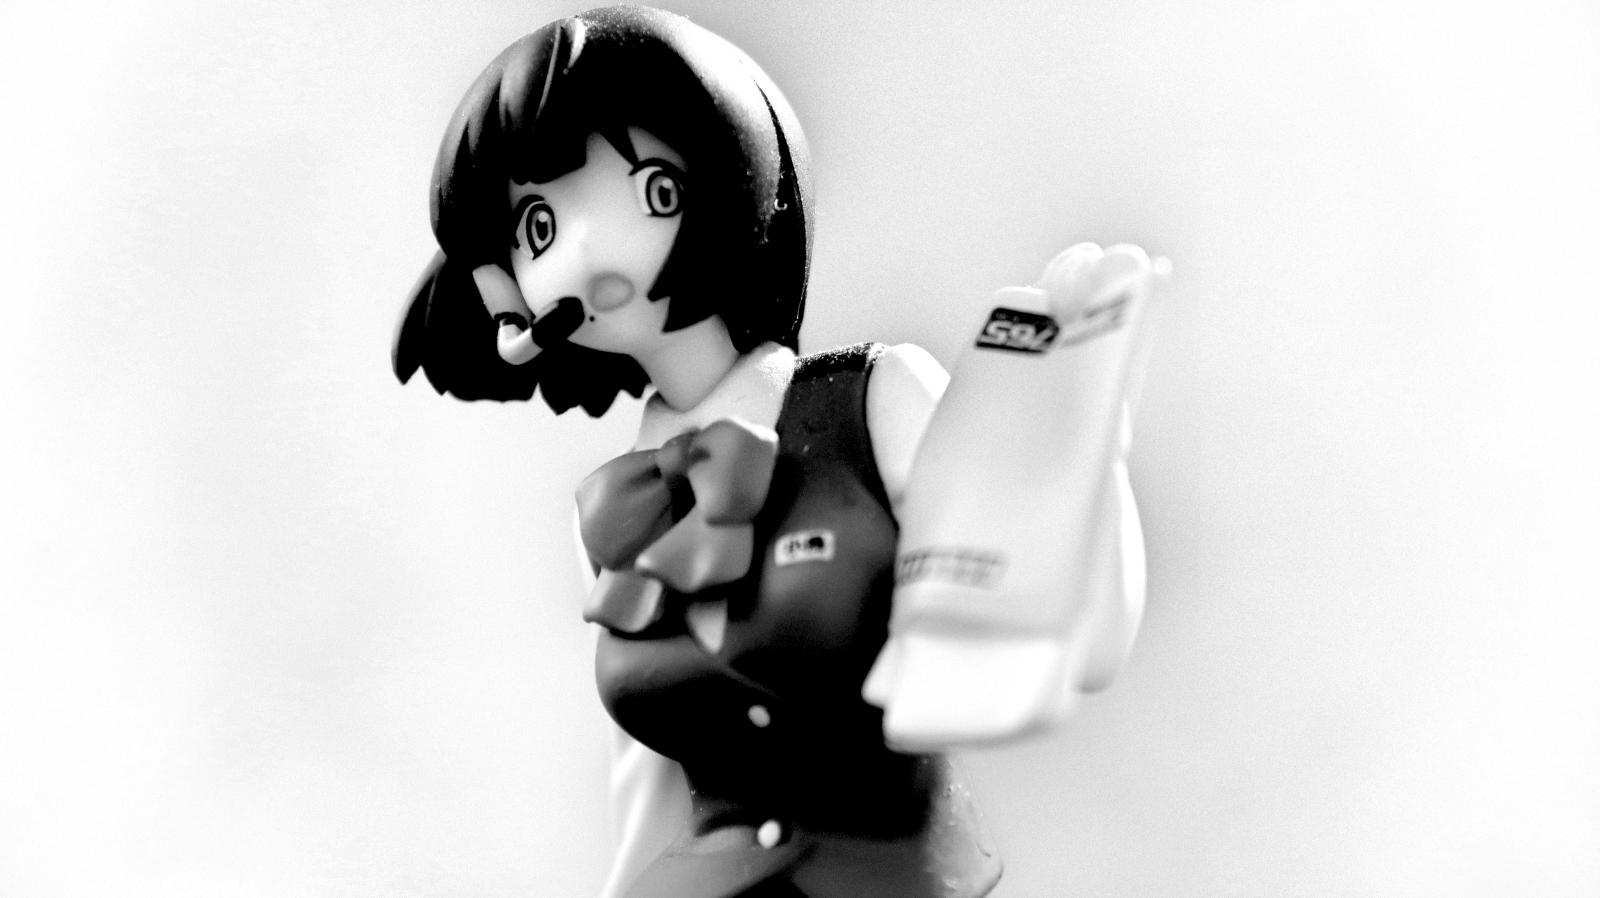 スタ→トスタ→